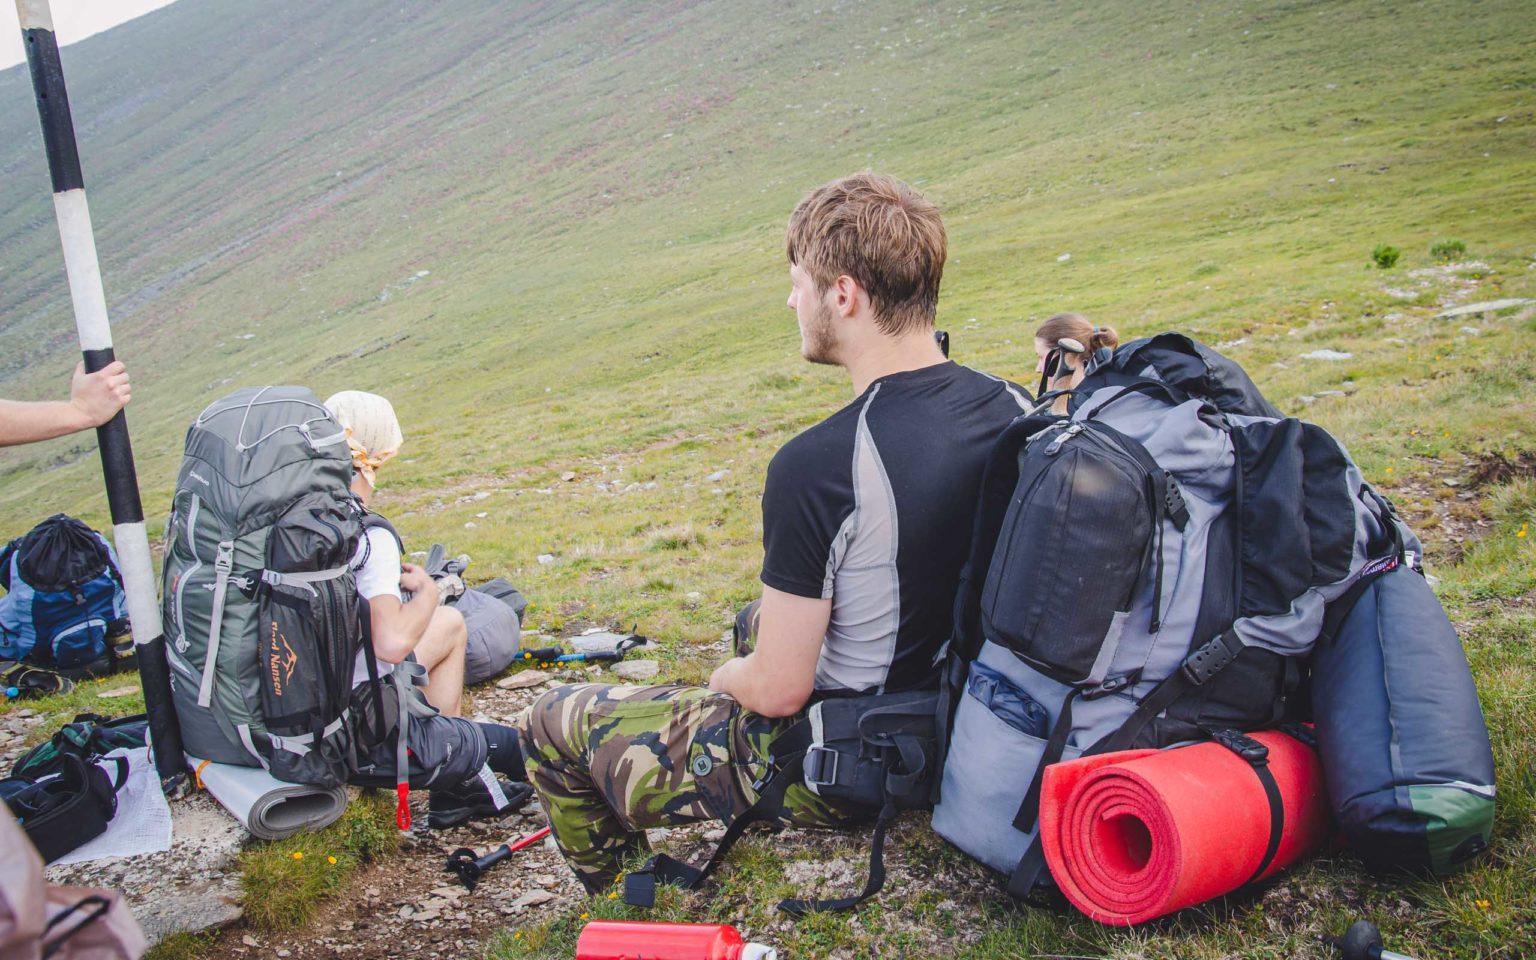 Mężczyzna siedzi z ciężkim plecakiem na plecach